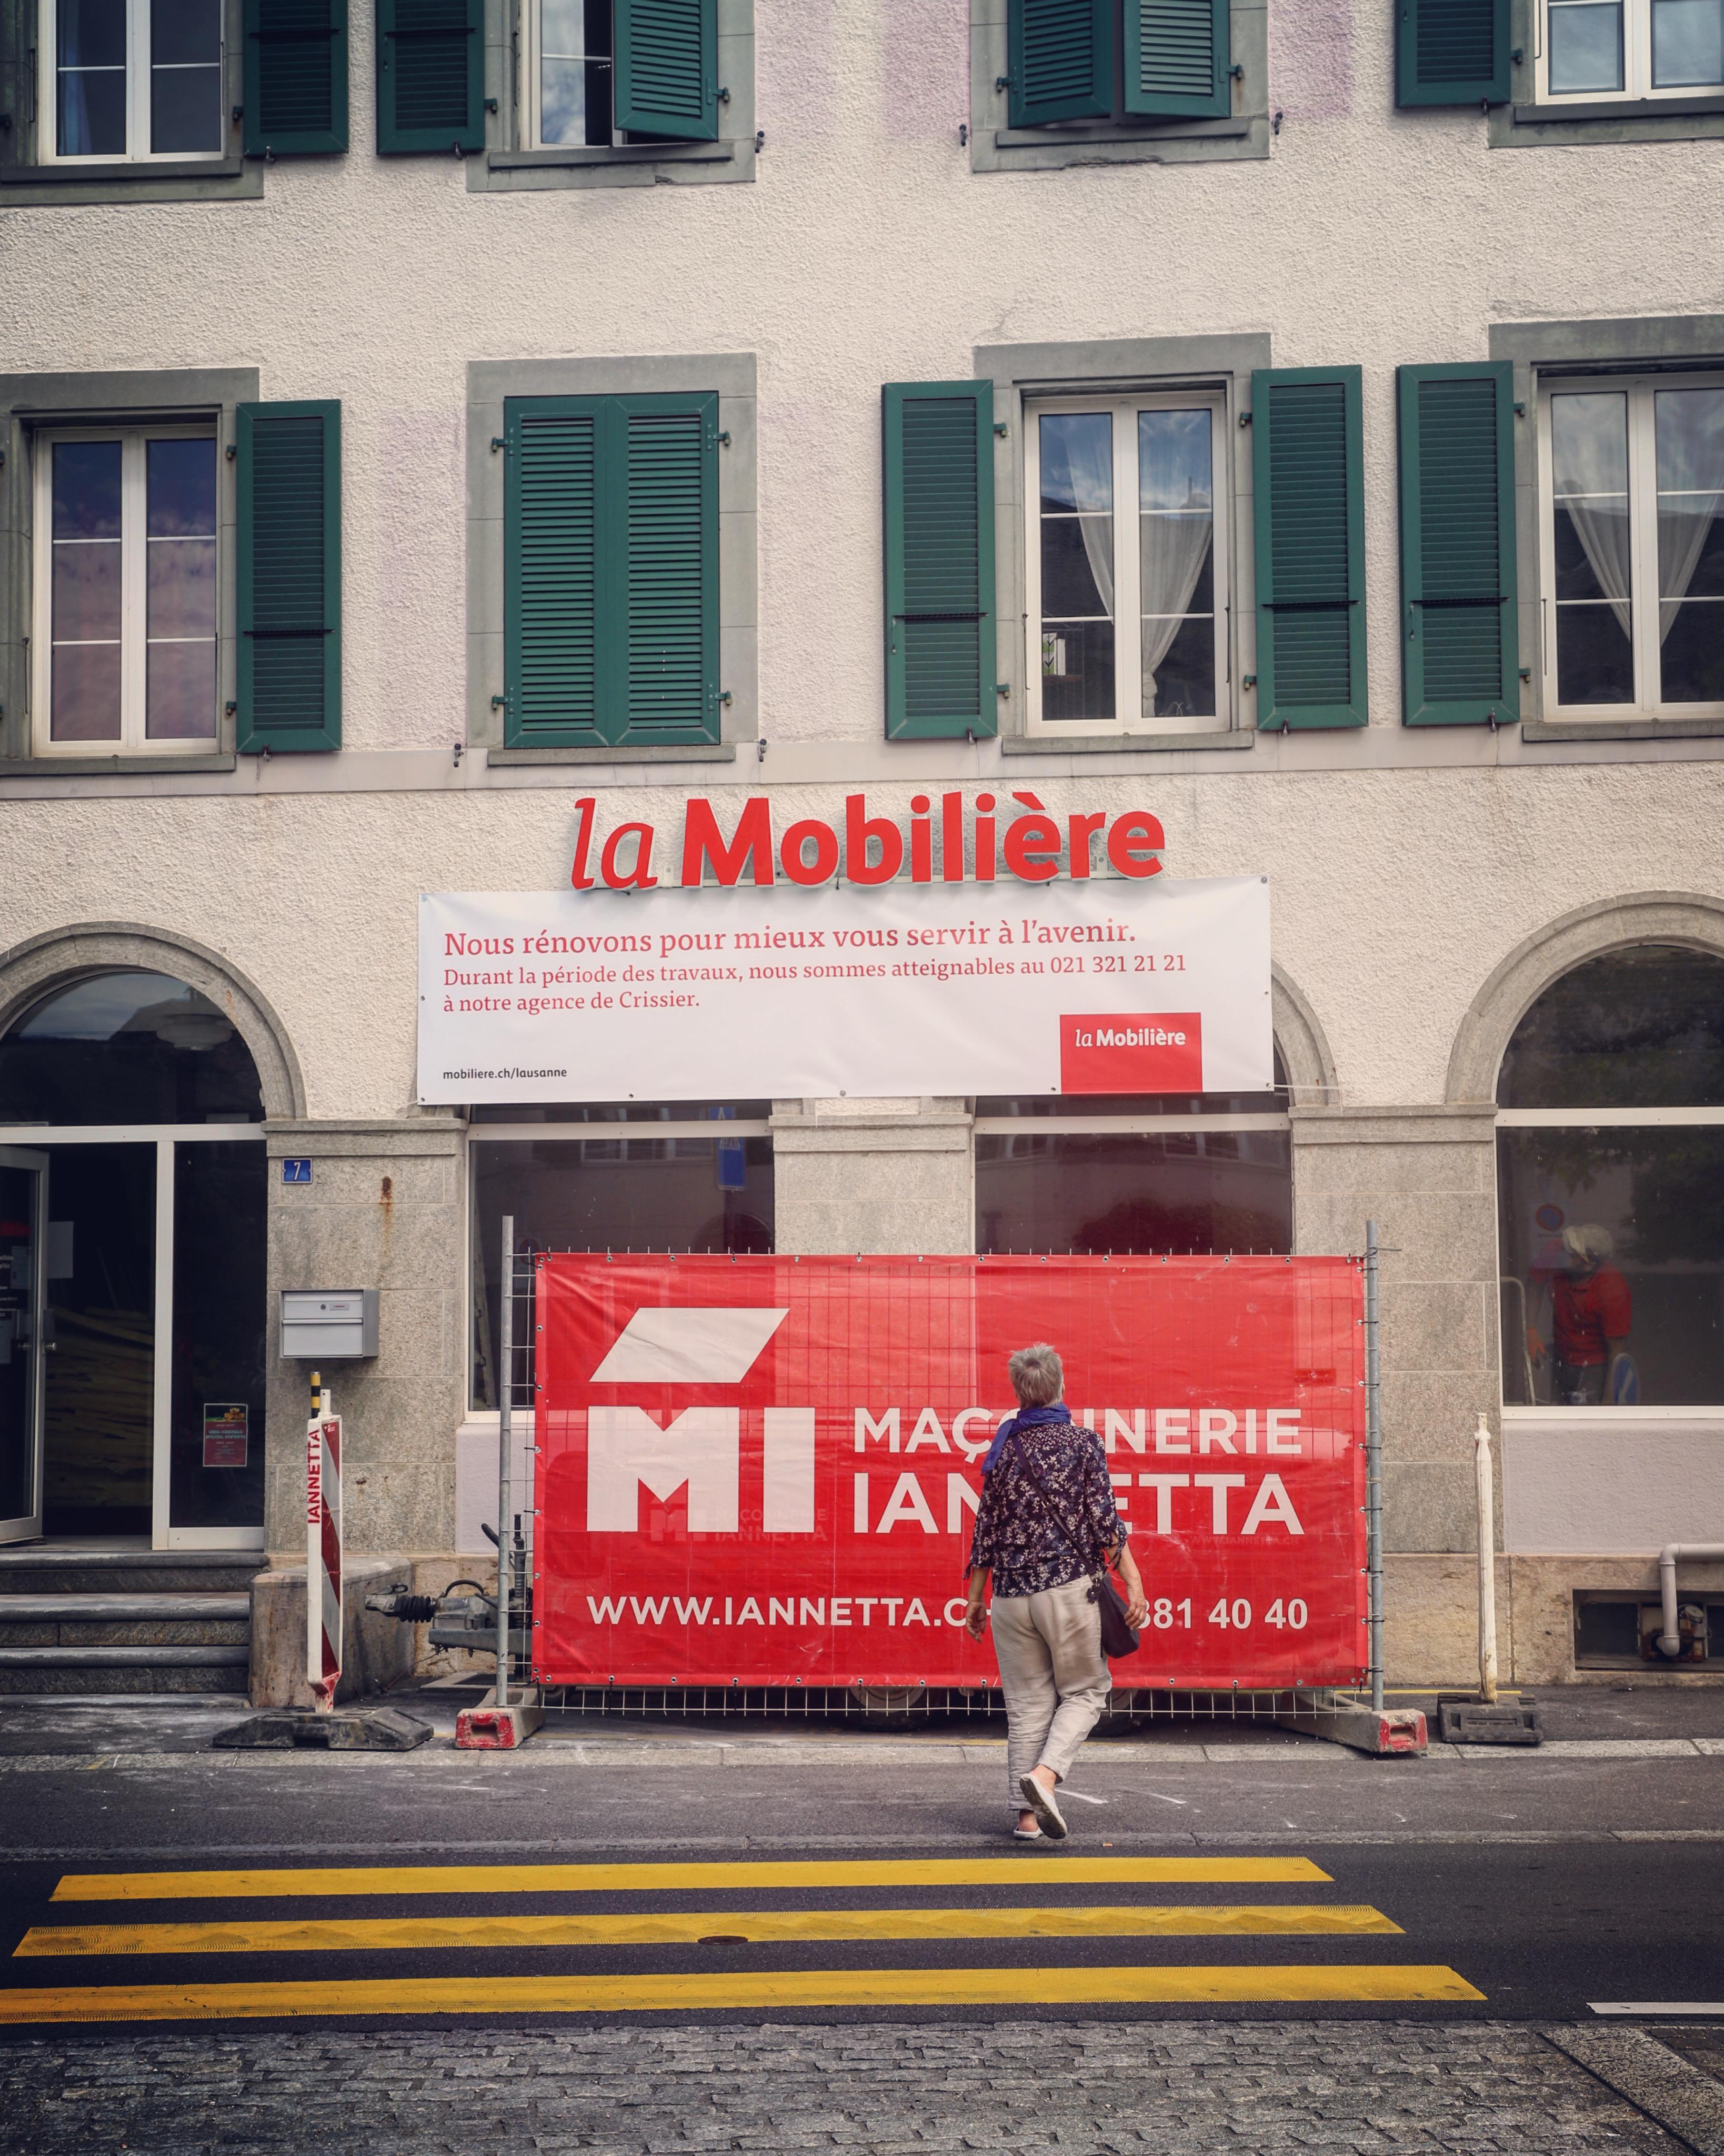 La Mobilière-01.jpg